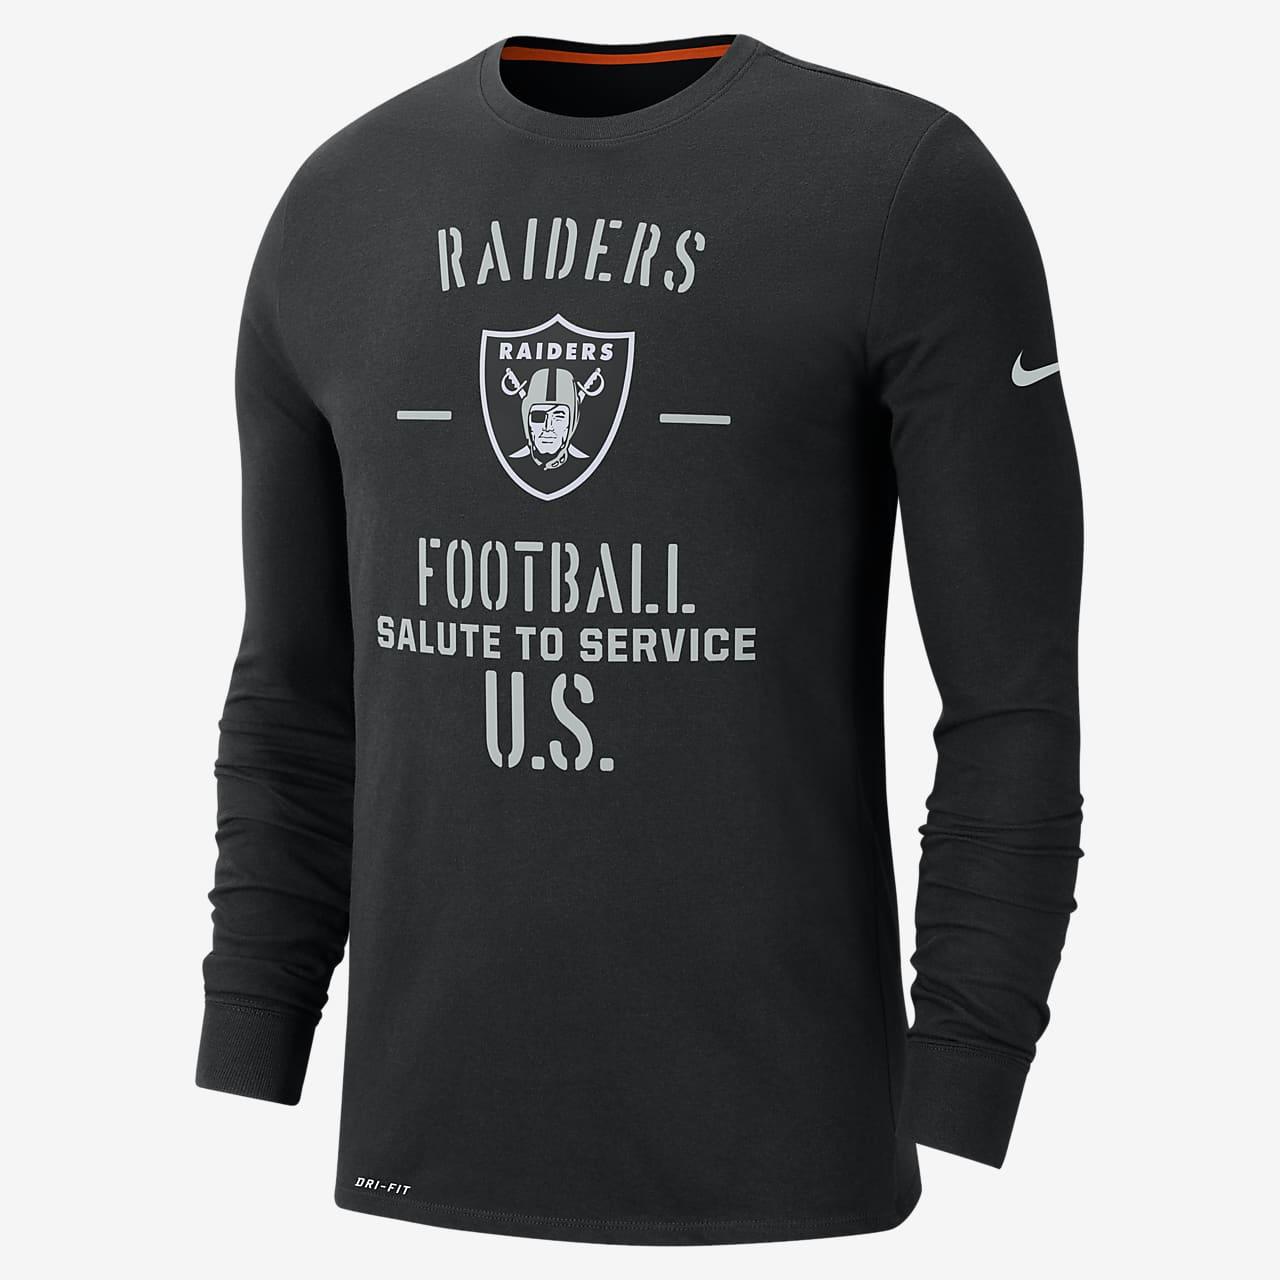 amoroso Speziato Il quarto  Nike Dri-FIT Salute To Service (NFL Raiders) Men's Long-Sleeve T-Shirt. Nike .com